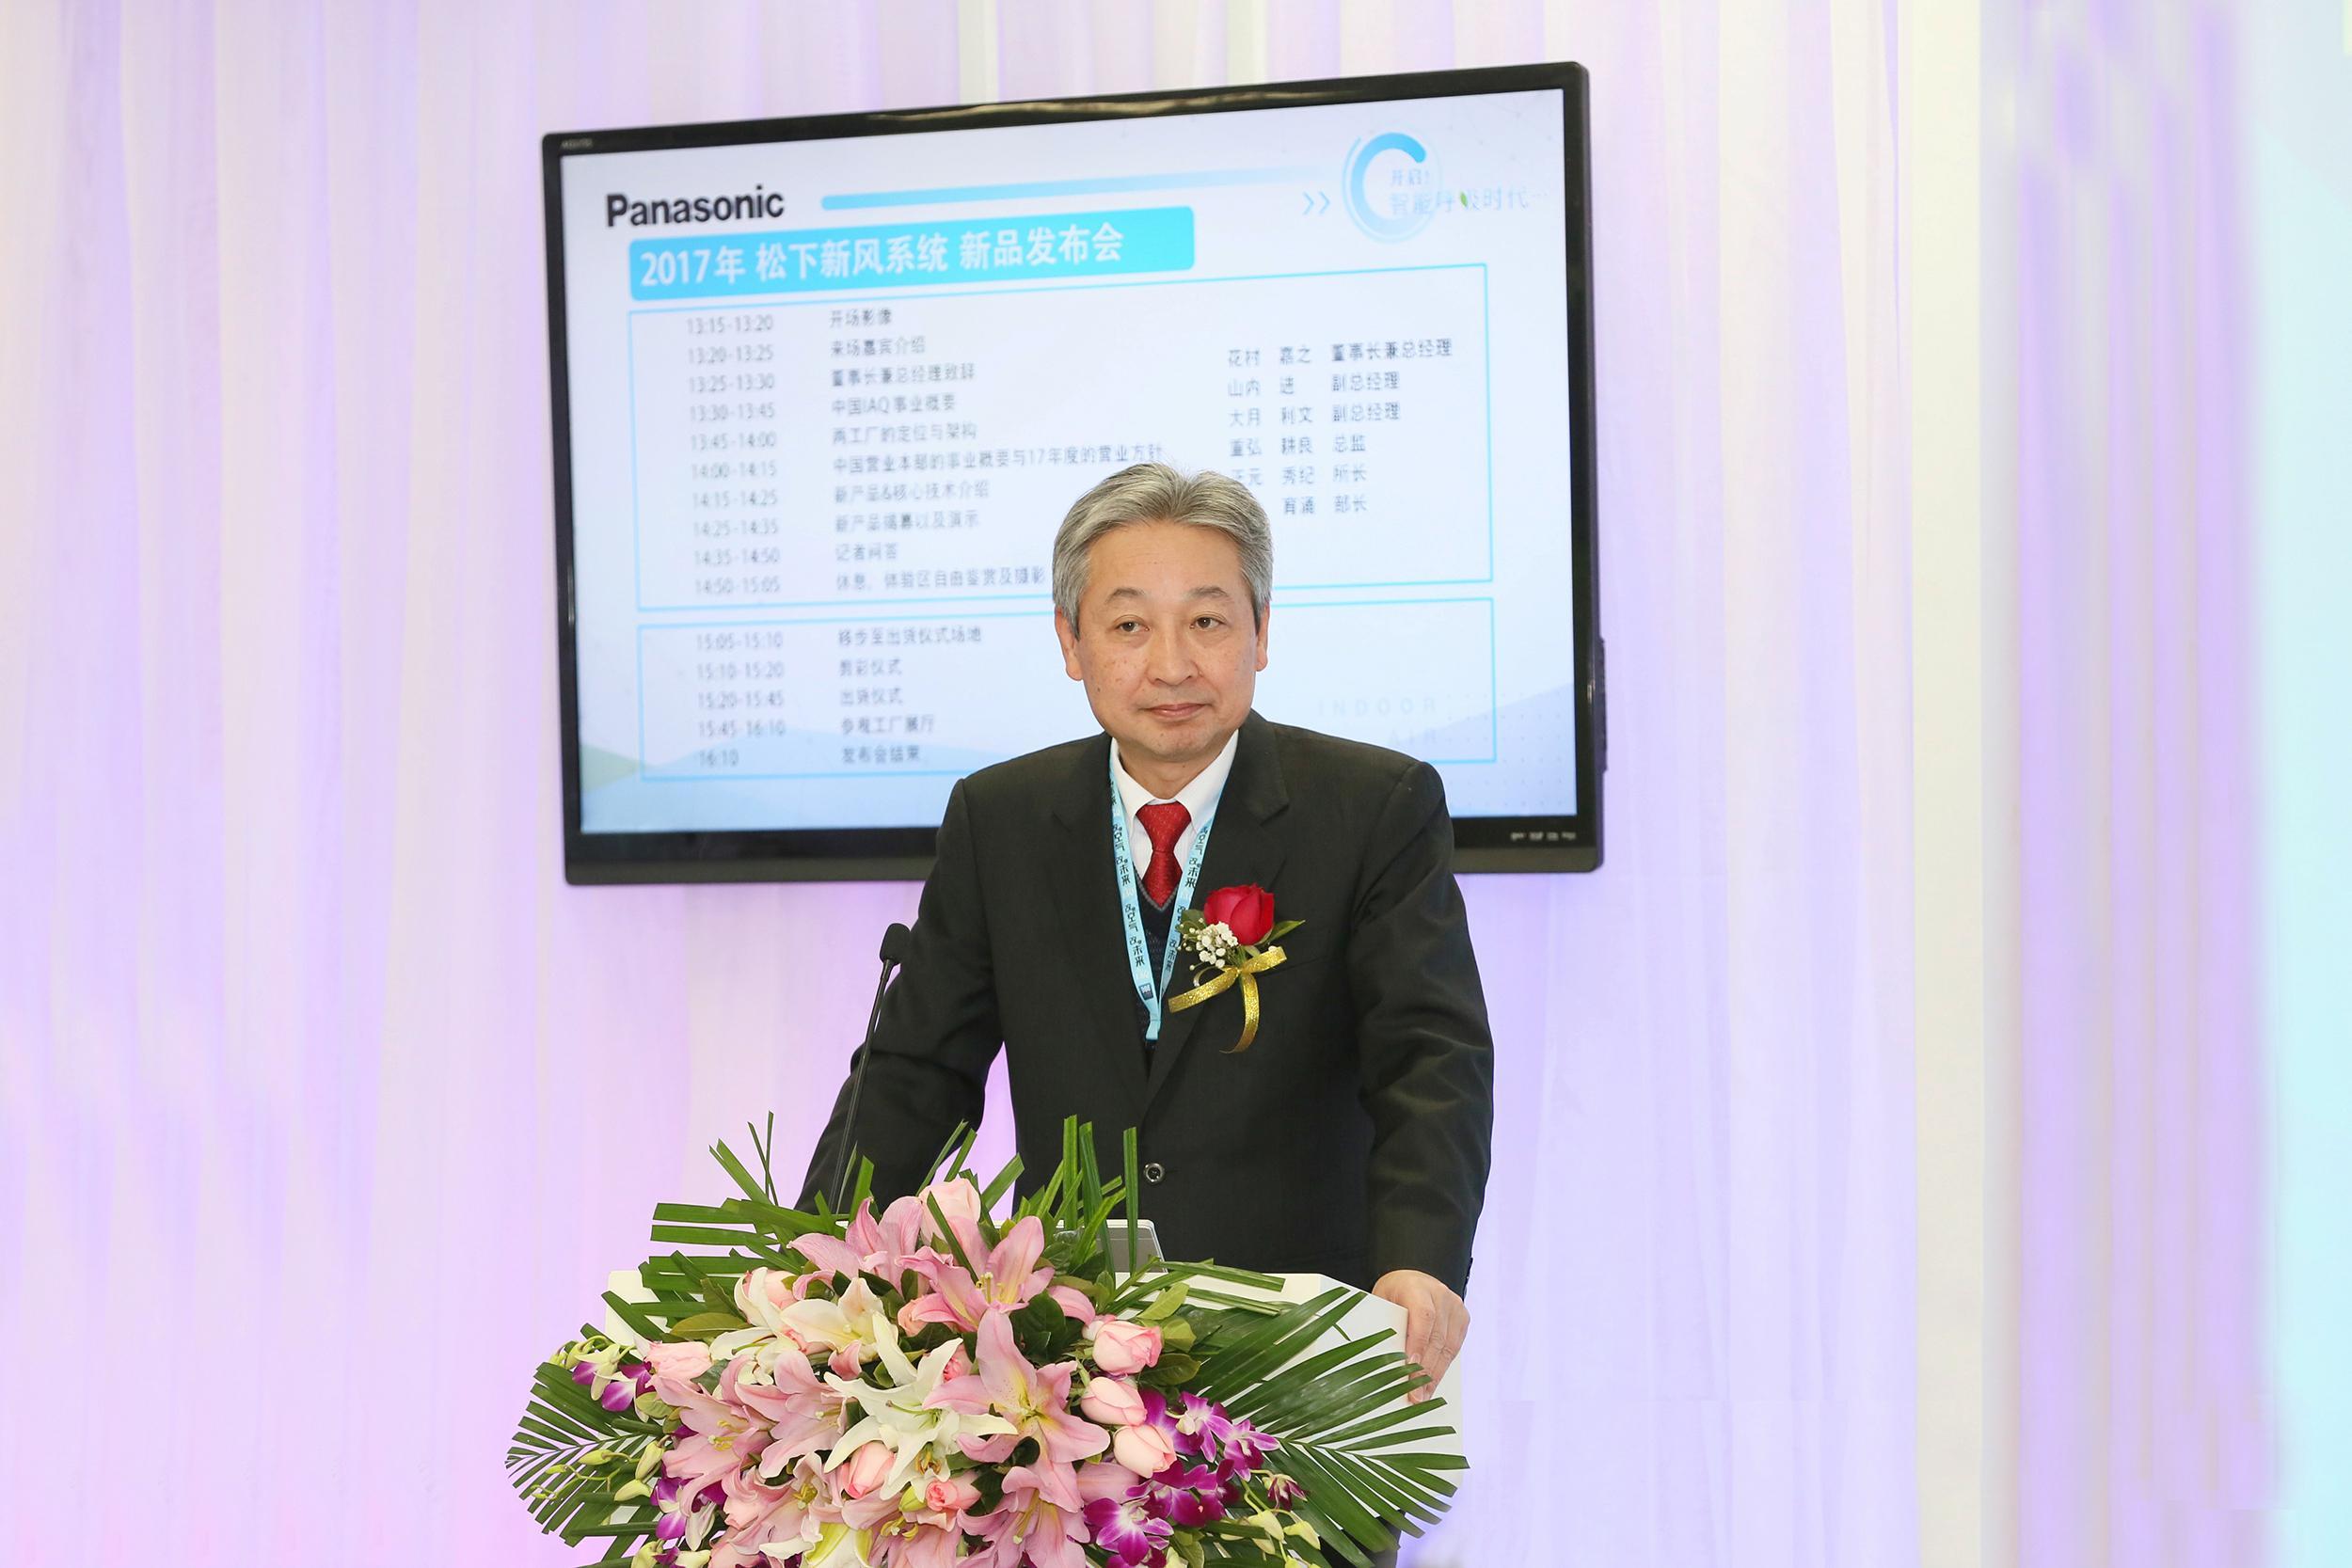 photo: Managing Director Yoshiyuki Hanamura